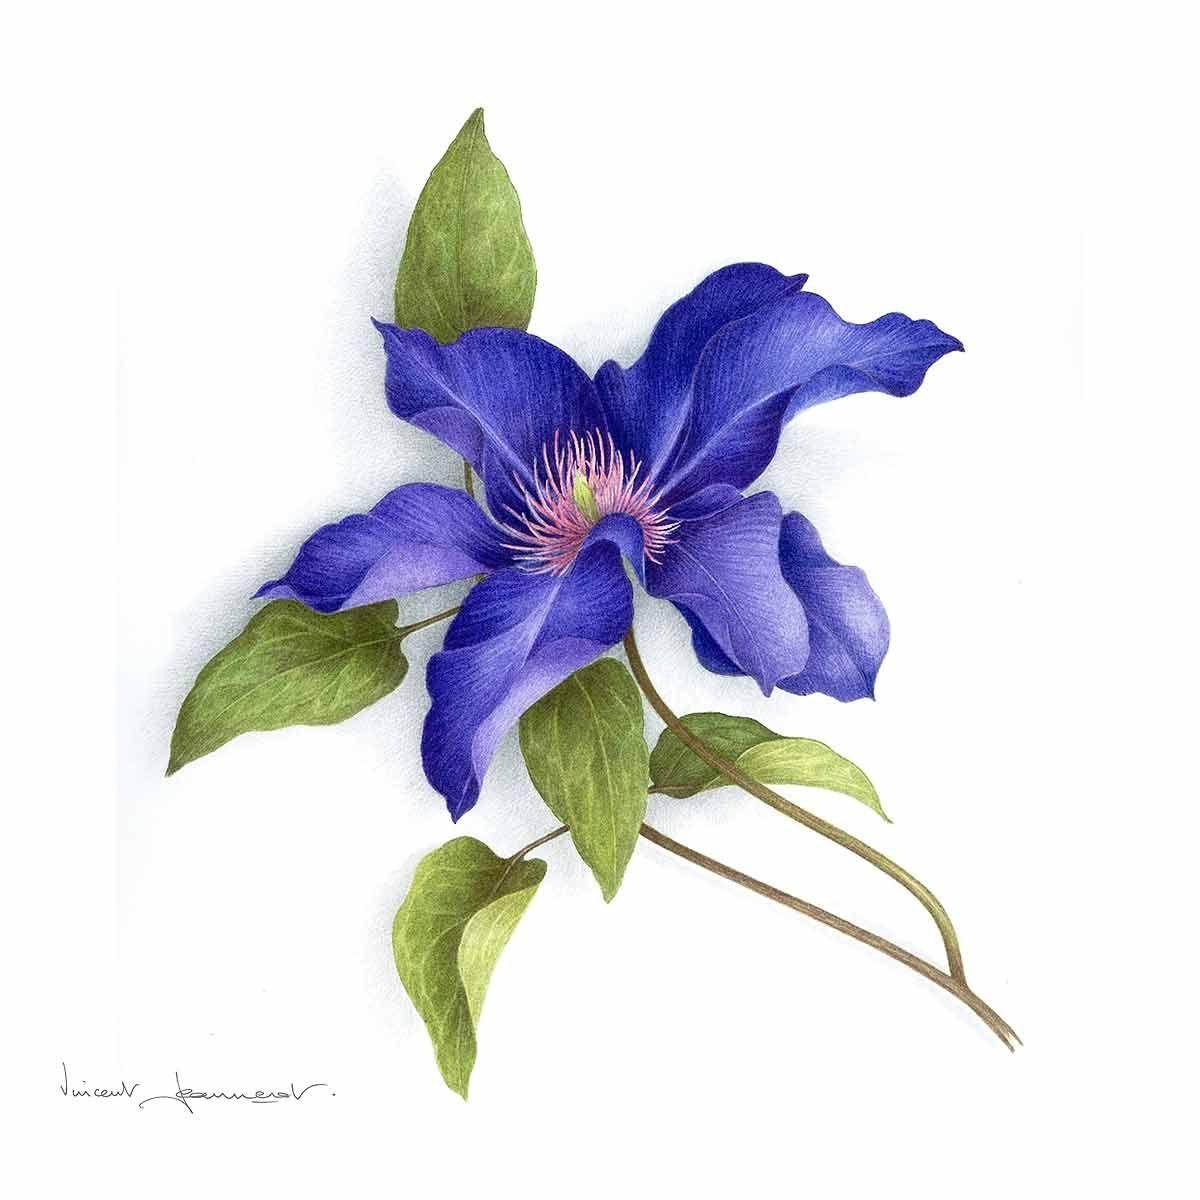 Aquarelle Vincent Jeannerot Aquarelle Aquarelle Fleurs Et Art